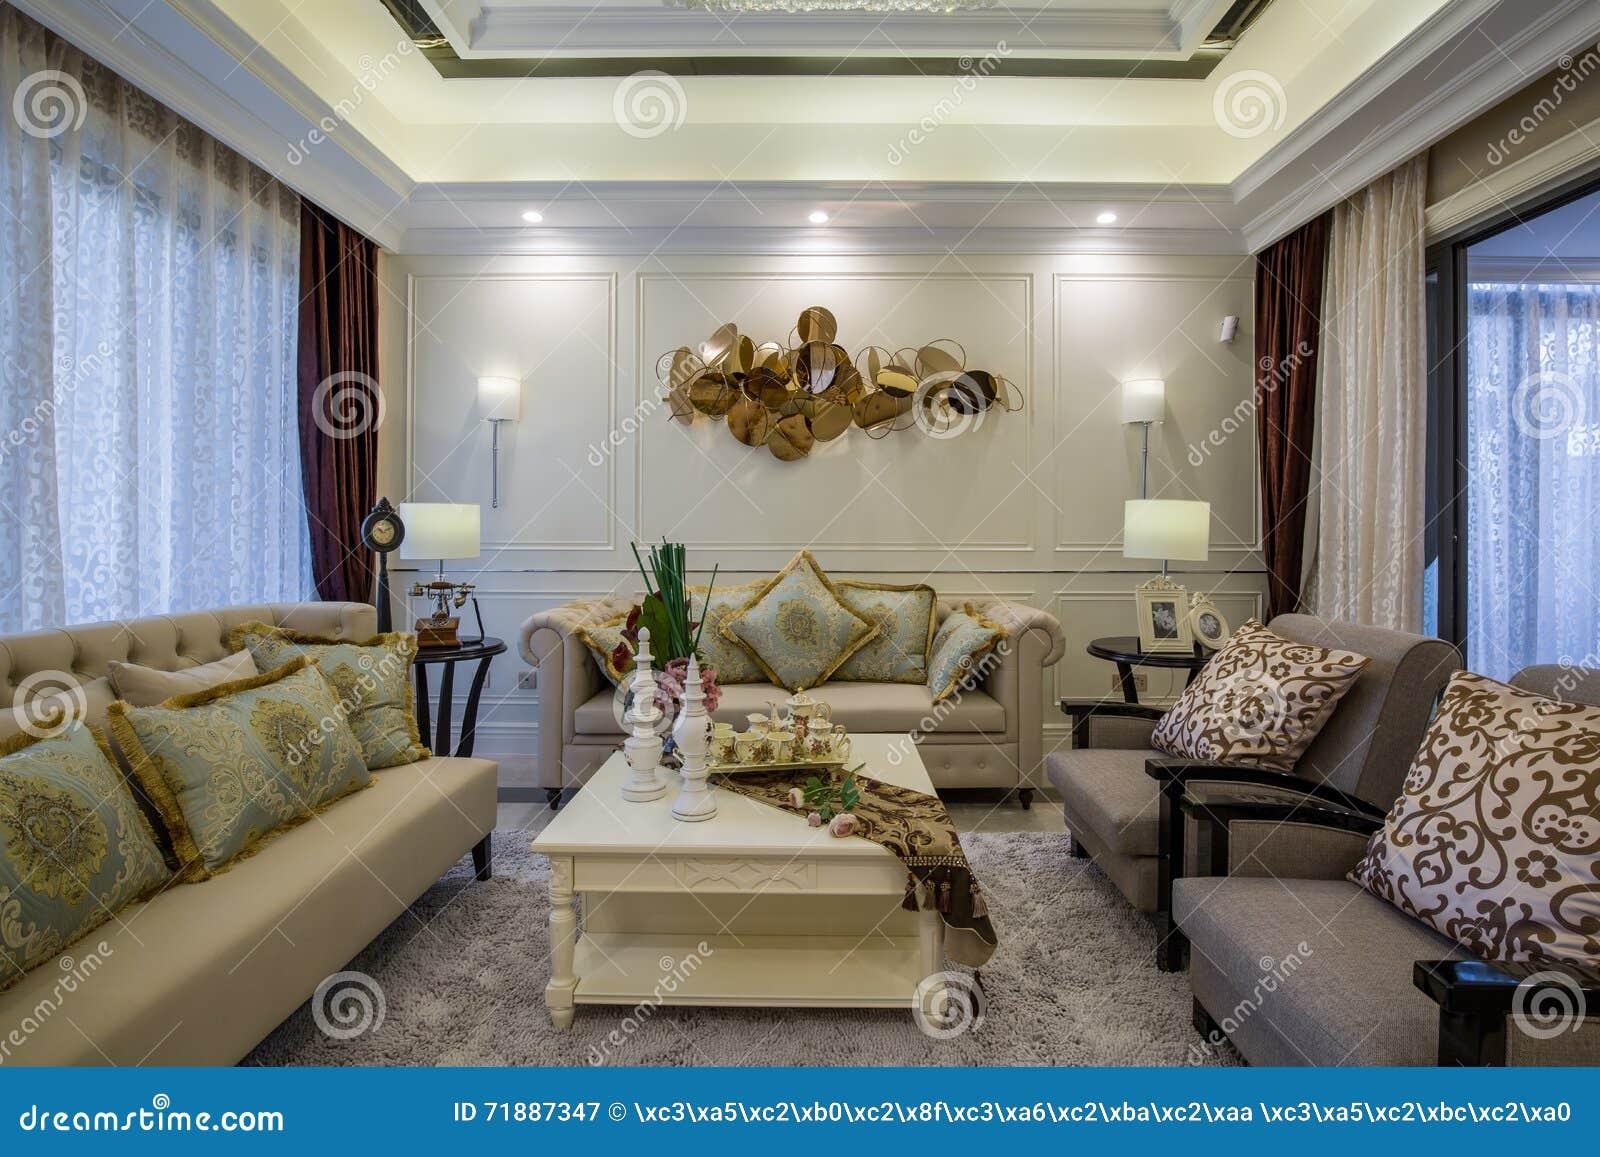 Villa à La Maison Intérieure De Luxe Moderne De Salon De ...